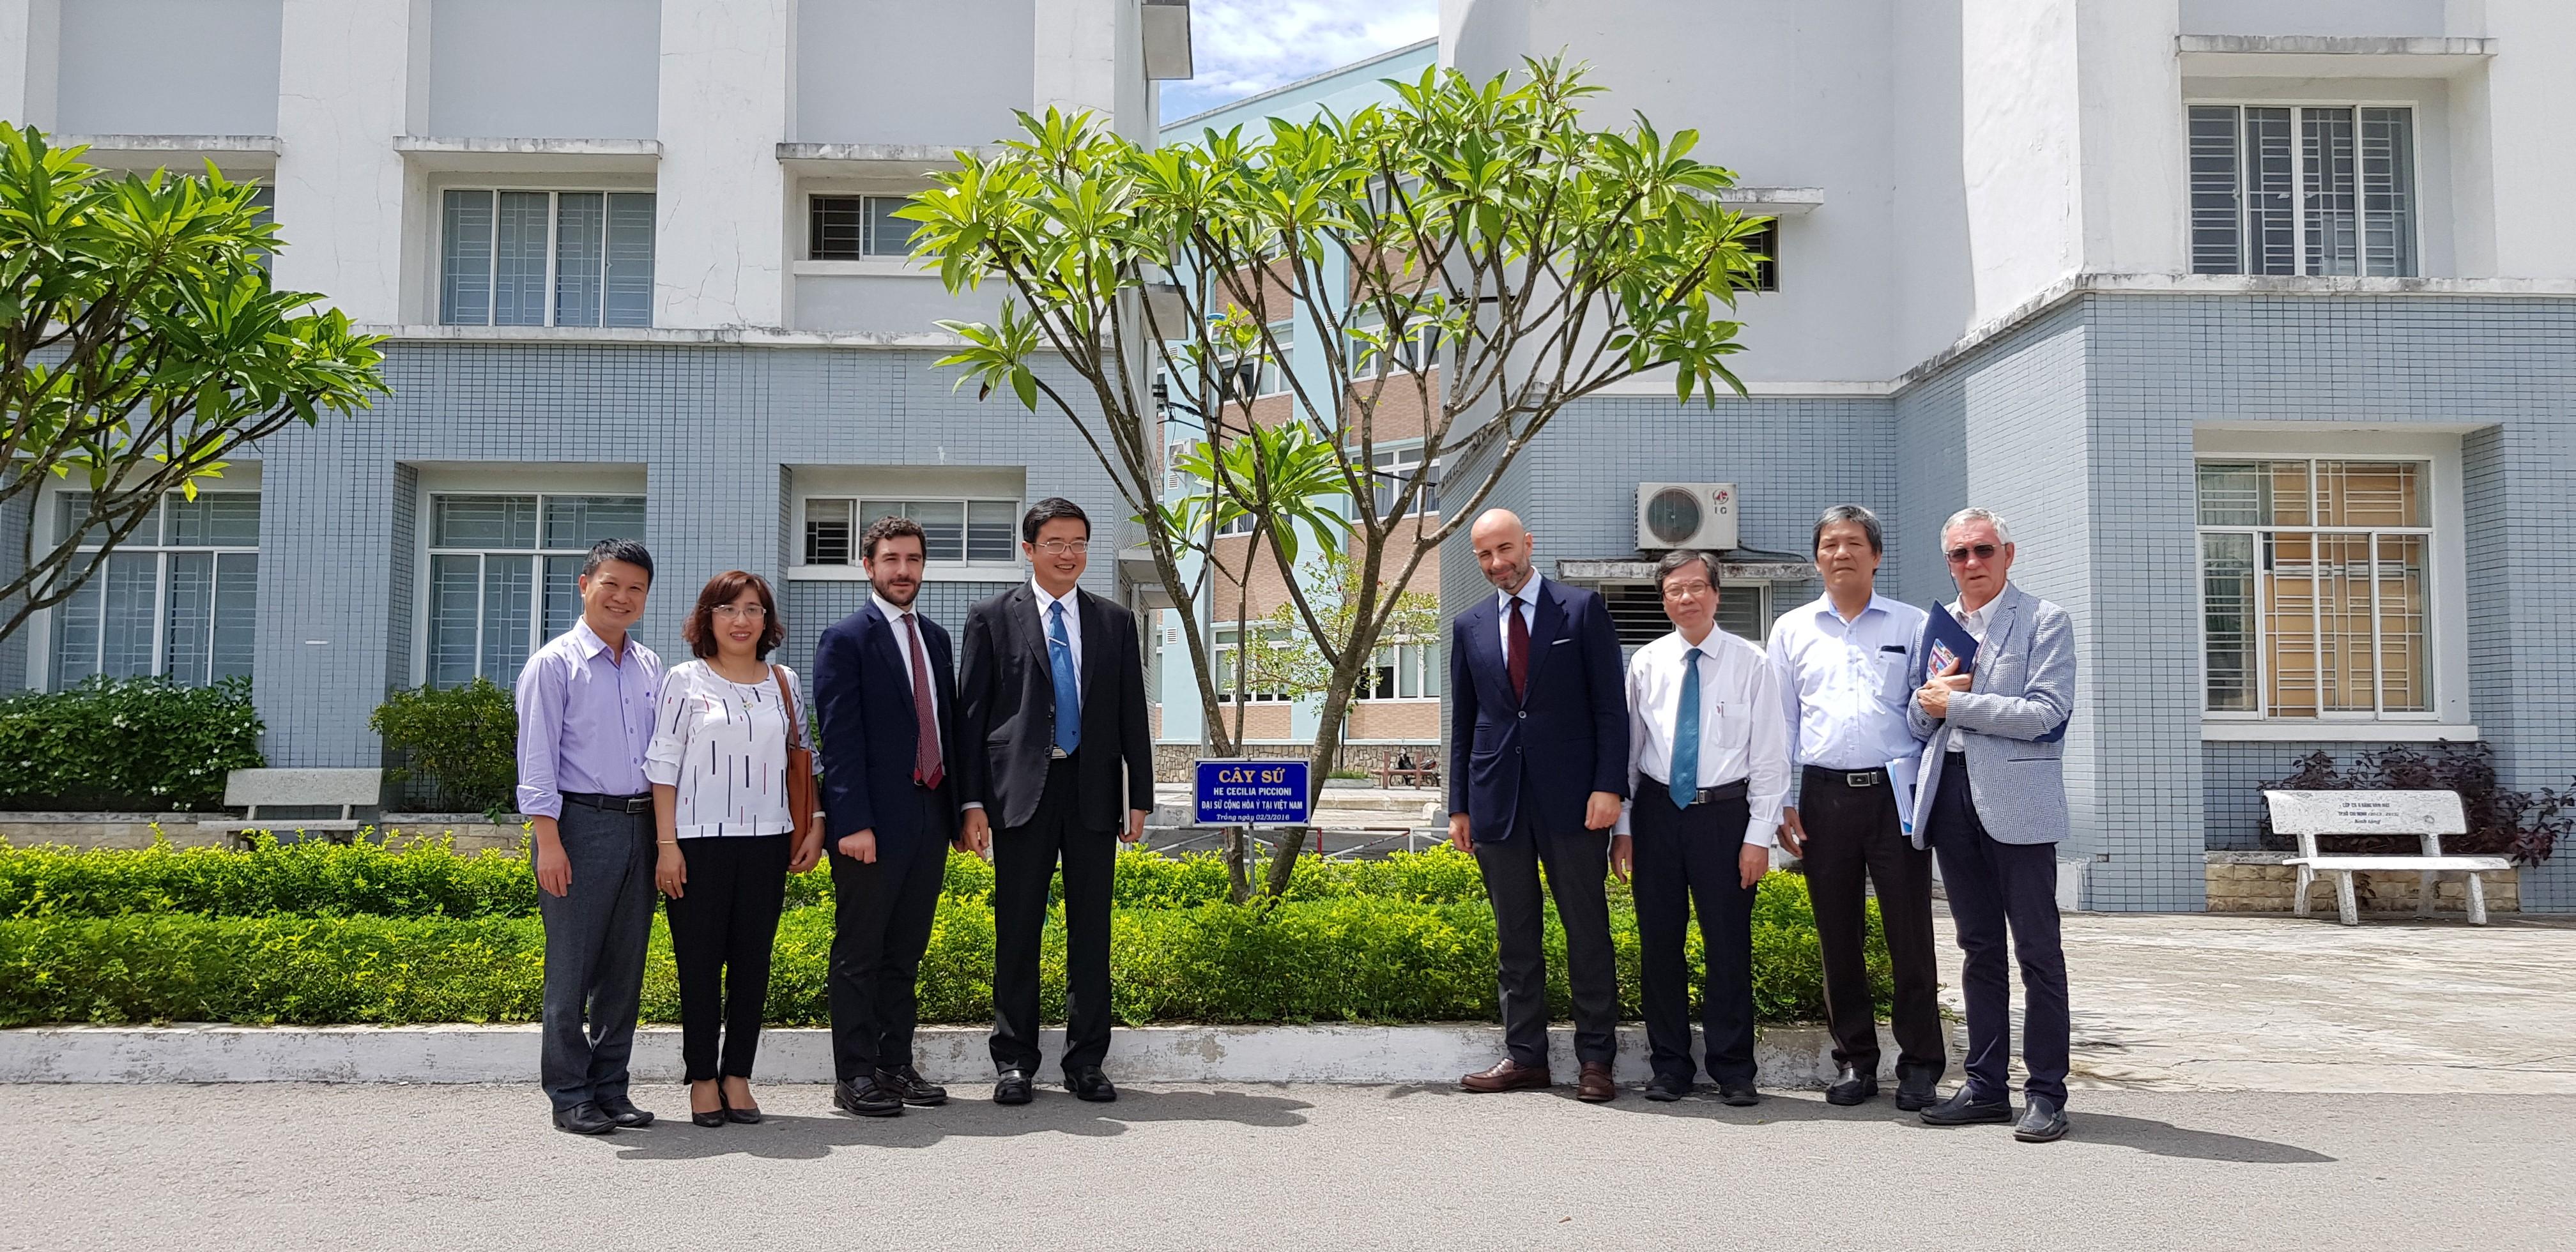 Đoàn Đại sứ Ý tại Việt Nam và Tổng lãnh sự Ý tại TP. Hồ Chí Minh đến thăm và làm việc tại Trường